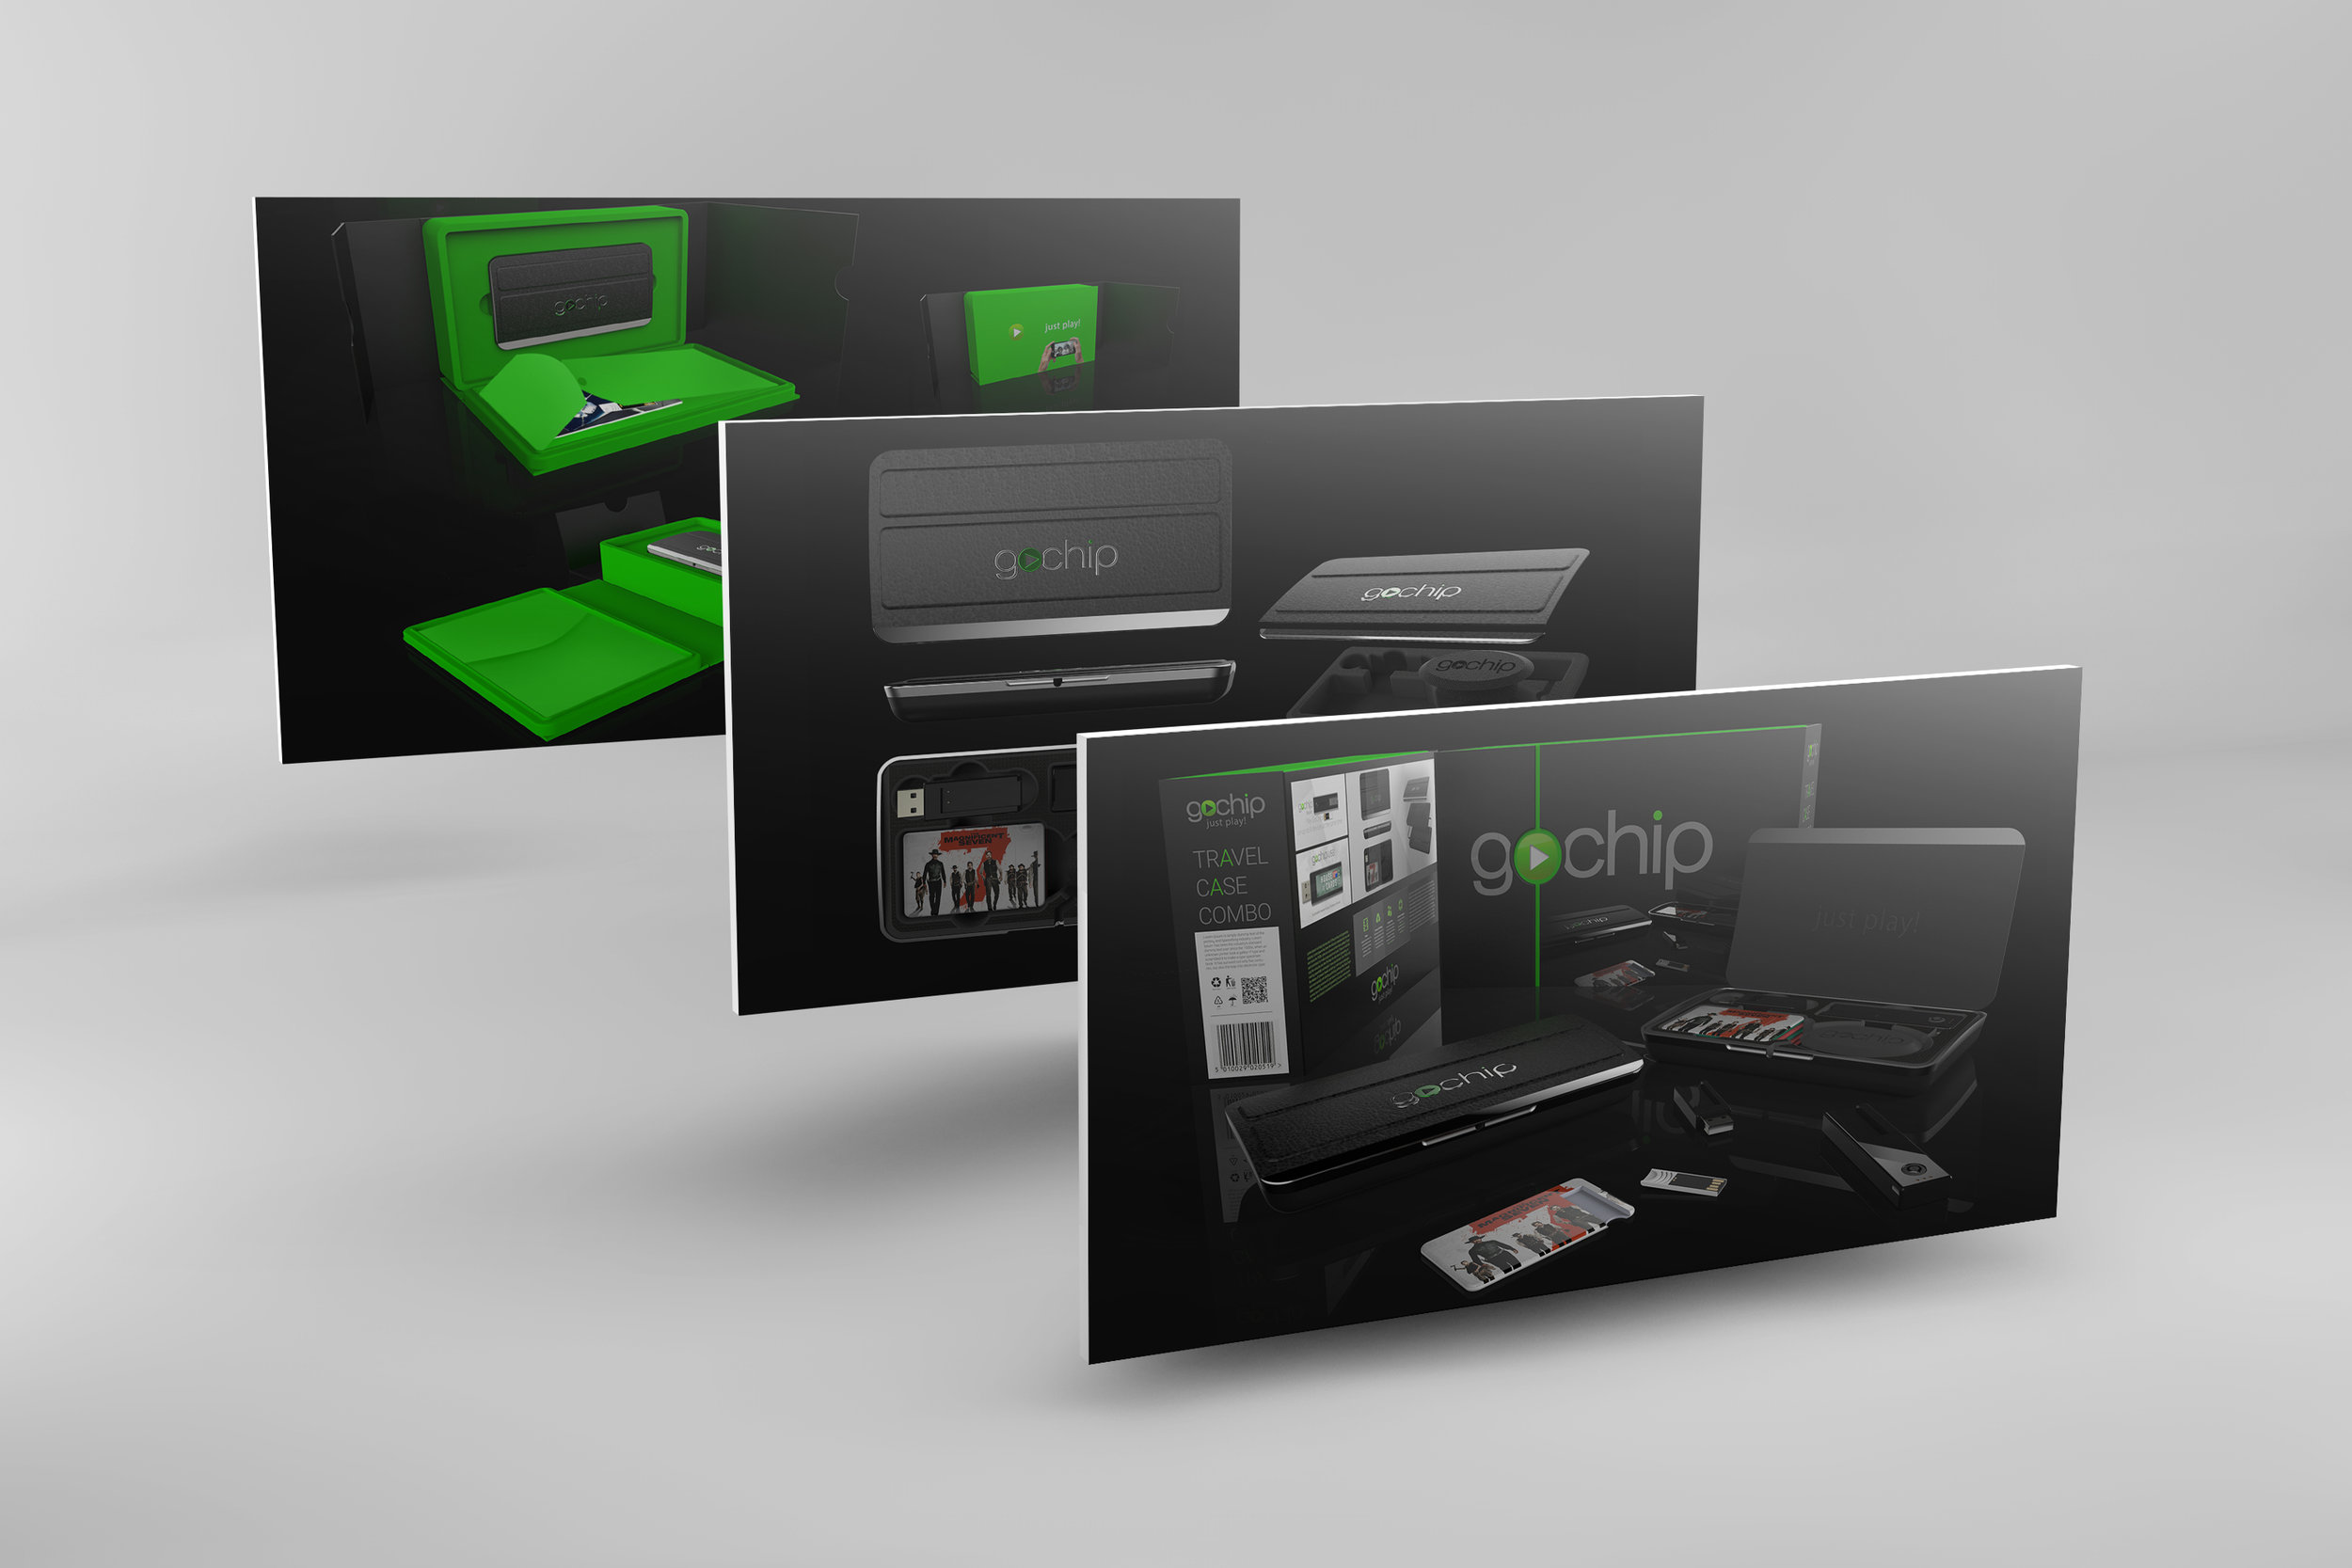 GoChip_Packaging.jpg